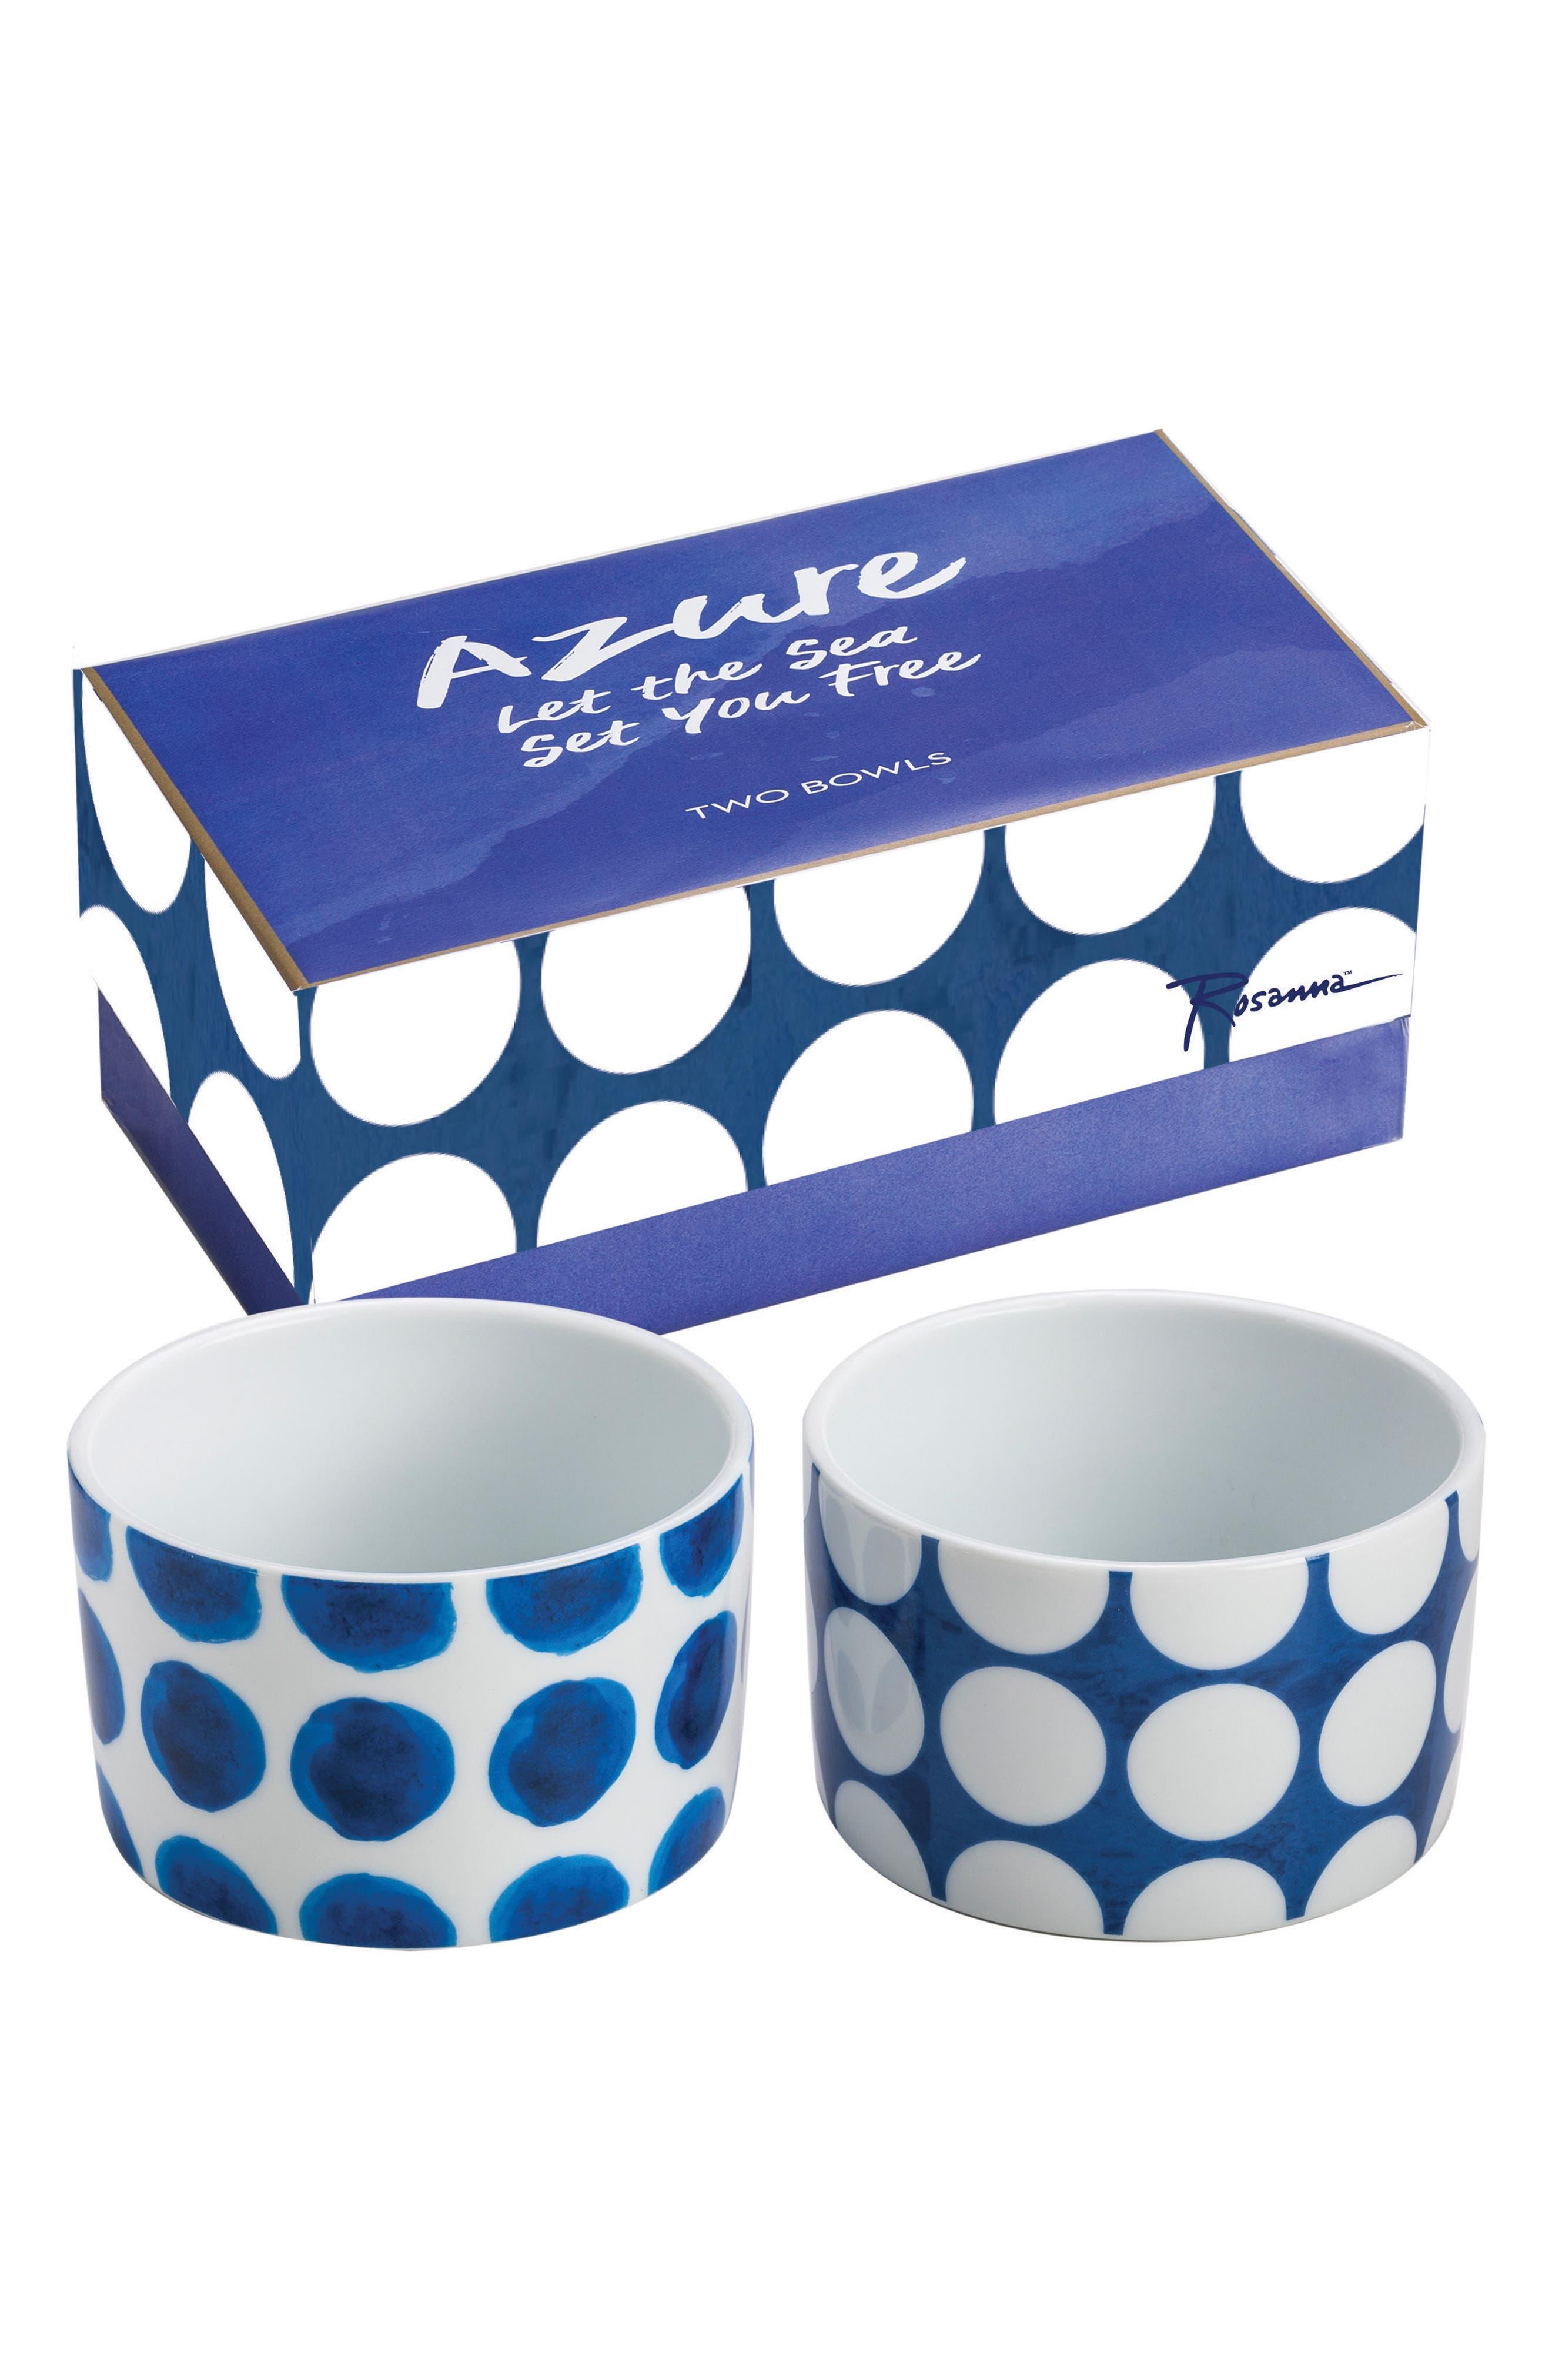 Polka Dot Set of 2 Bowls,                             Main thumbnail 1, color,                             400